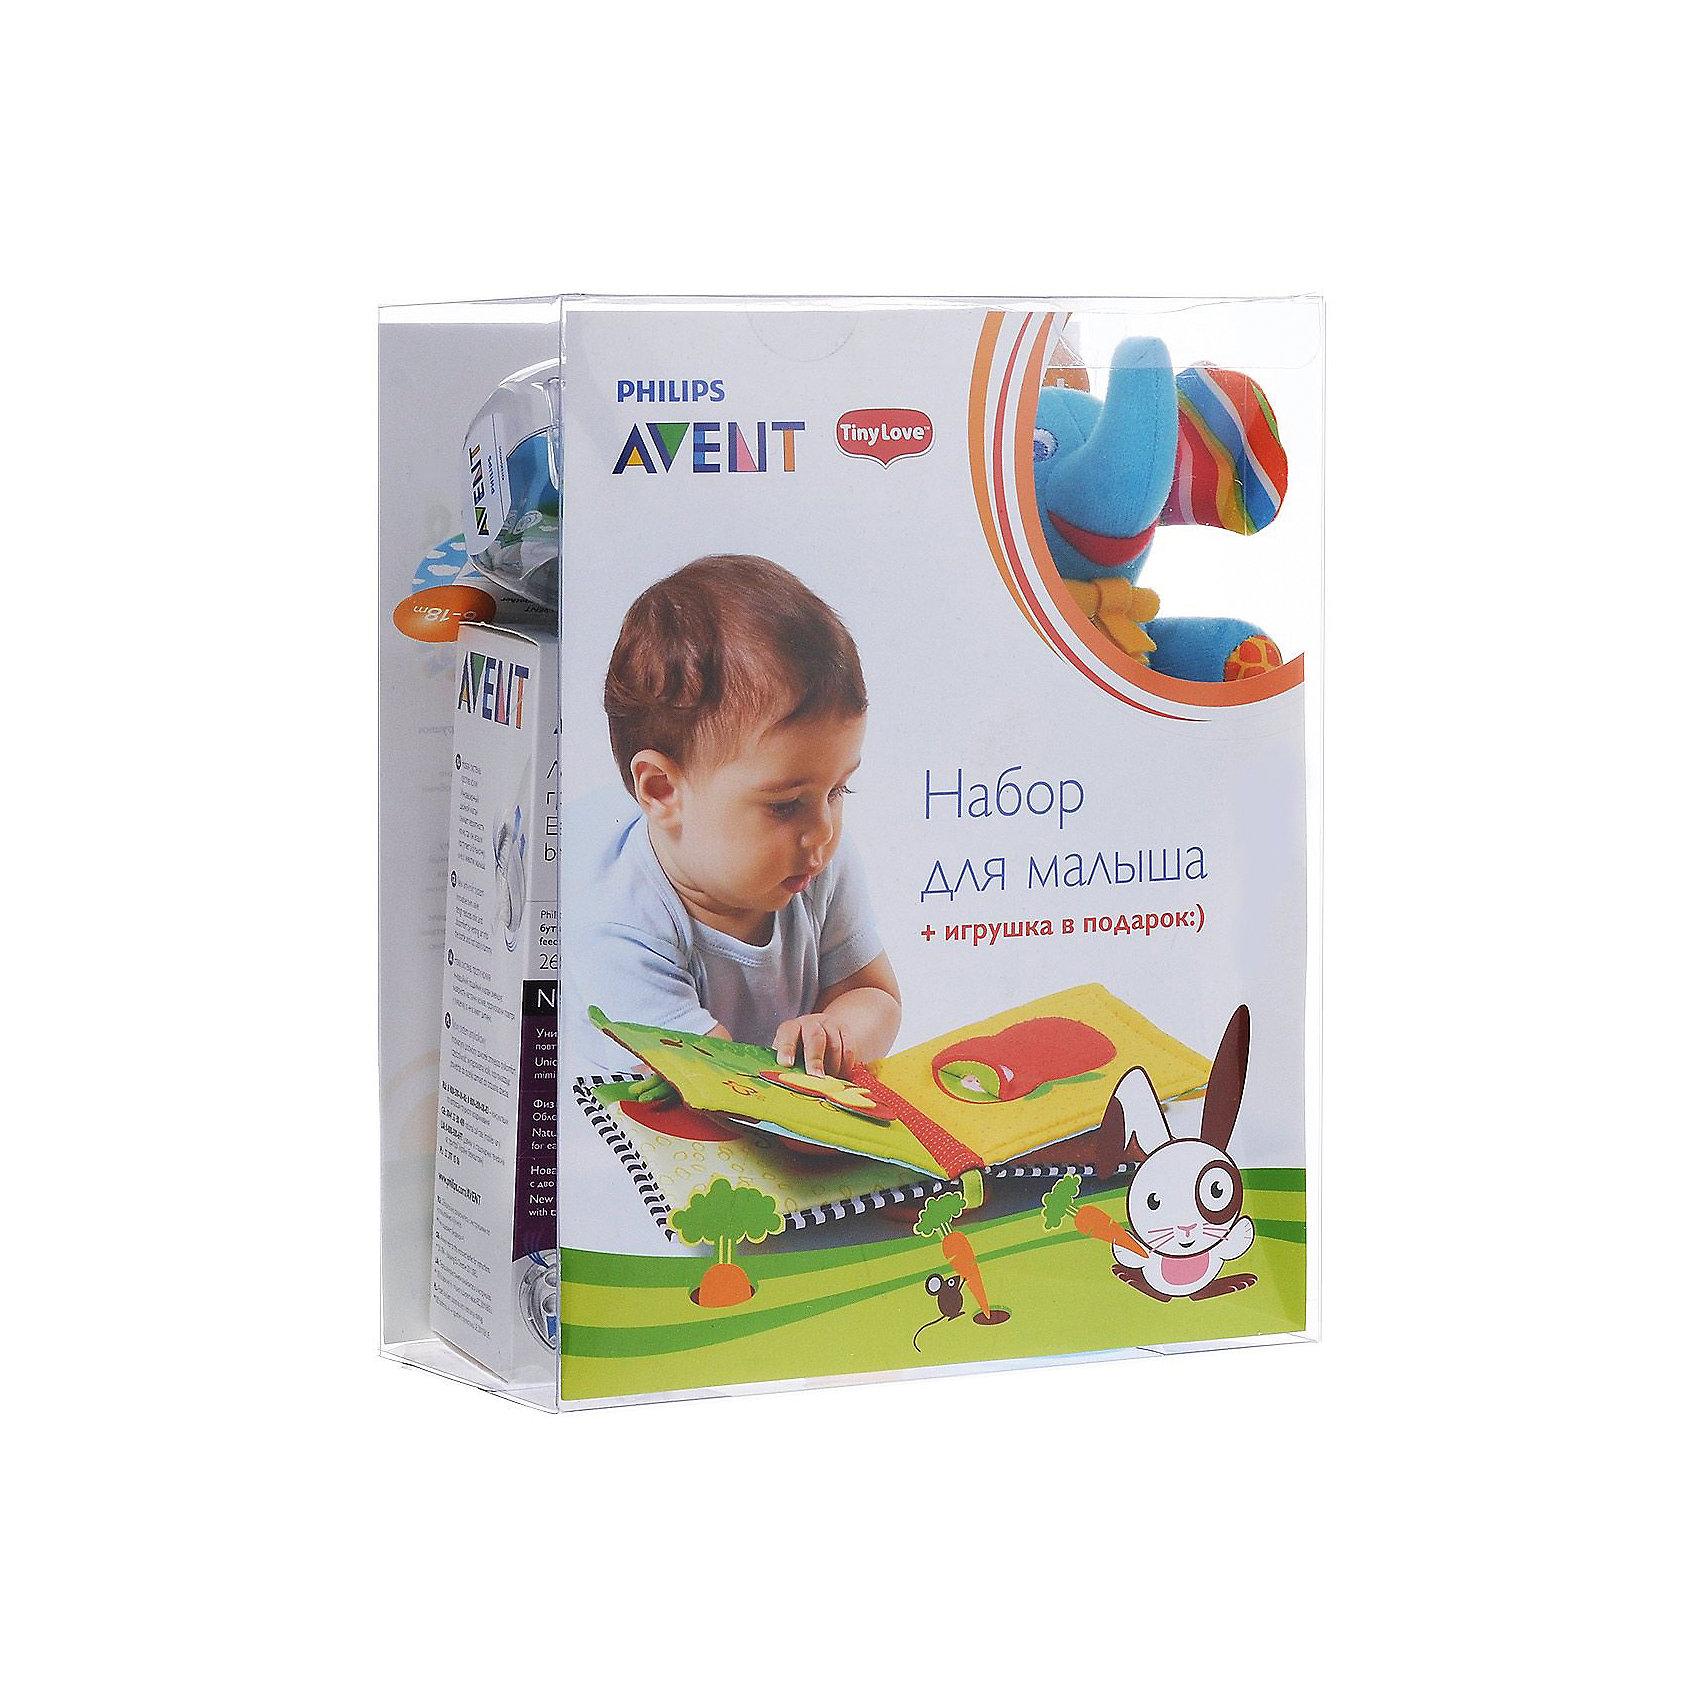 Набор для малыша с игрушкой, AVENT, голубой от myToys